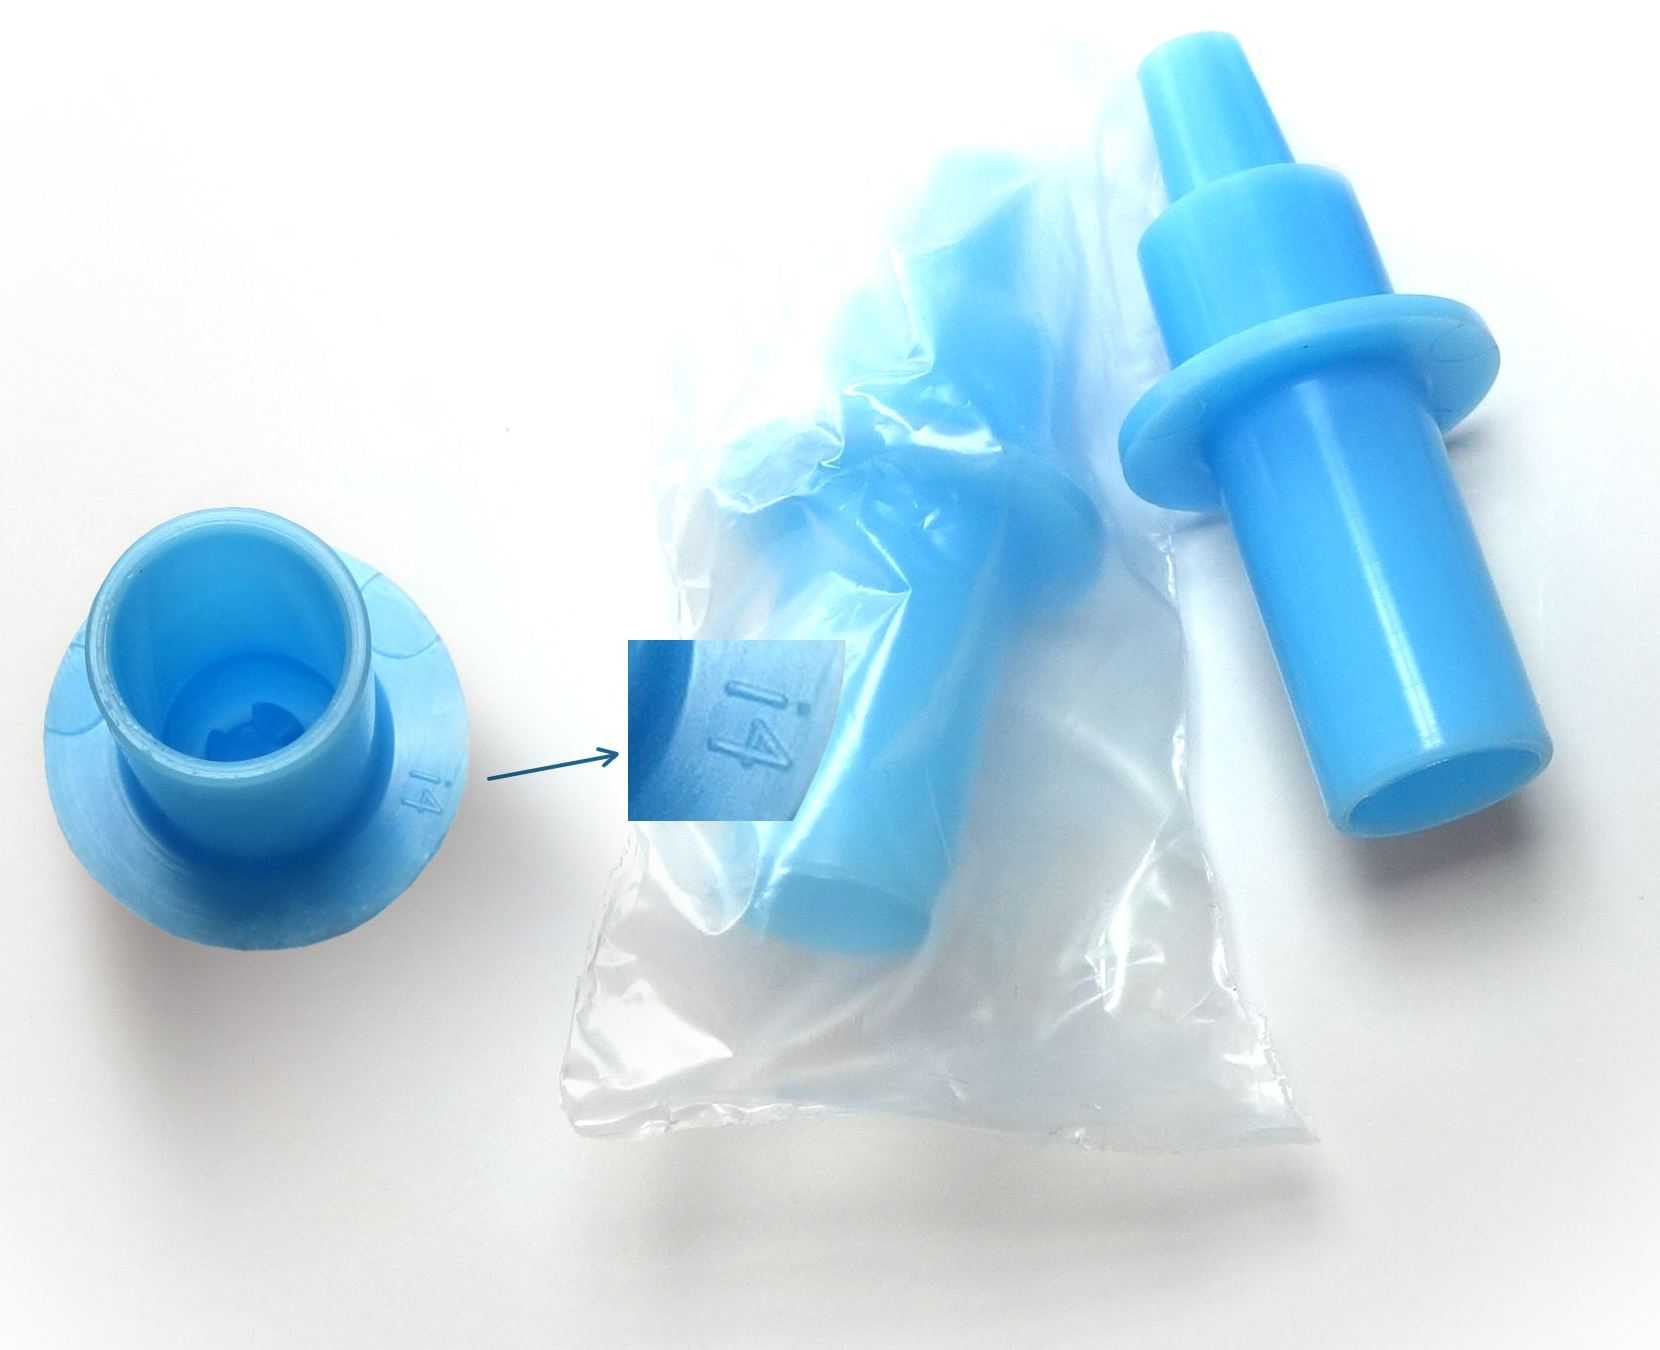 Благодаря особой конструкции мундштук не пропускает внутрь алкотестора частички пищи и слюны